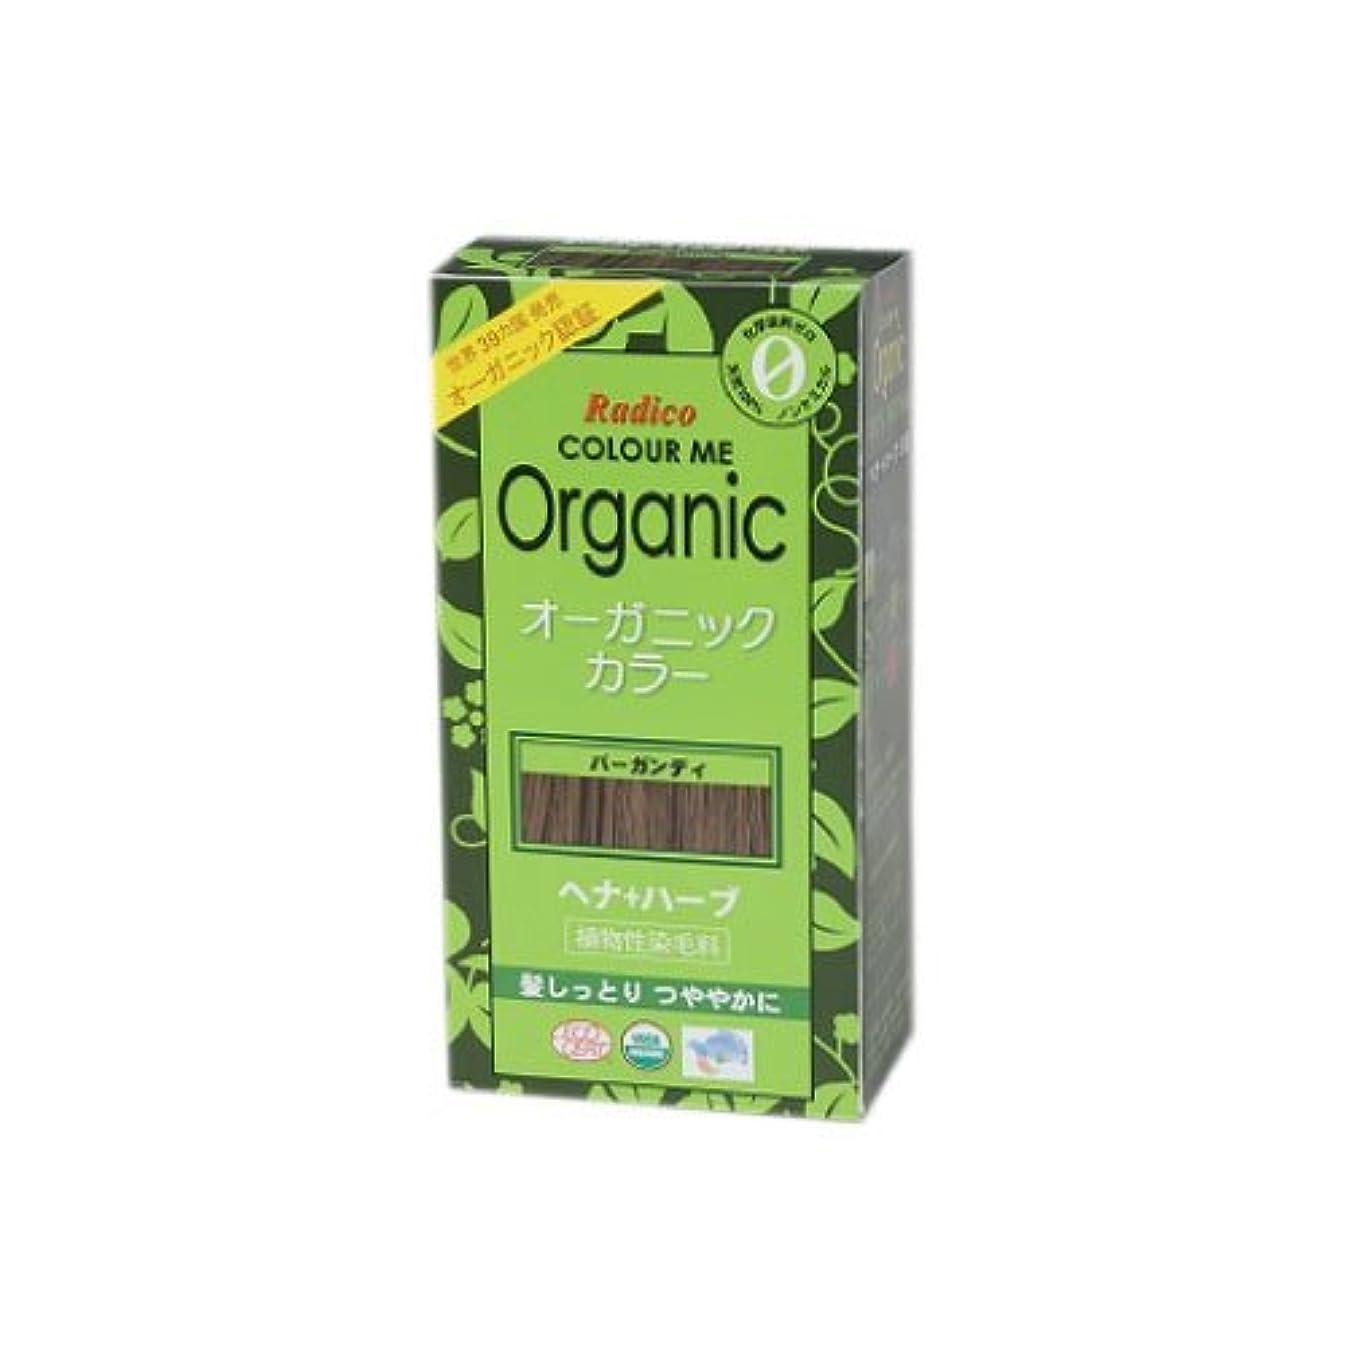 クラス孤児黒くするCOLOURME Organic (カラーミーオーガニック ヘナ 白髪用) バーガンディ 100g